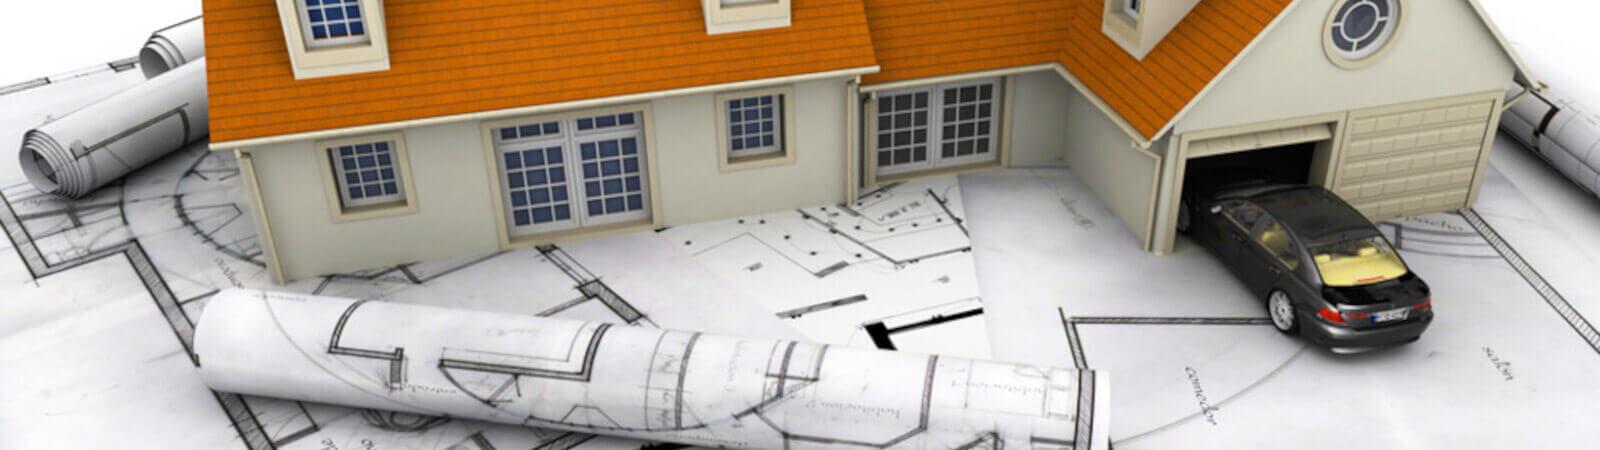 Как узаконить реконструкцию дома